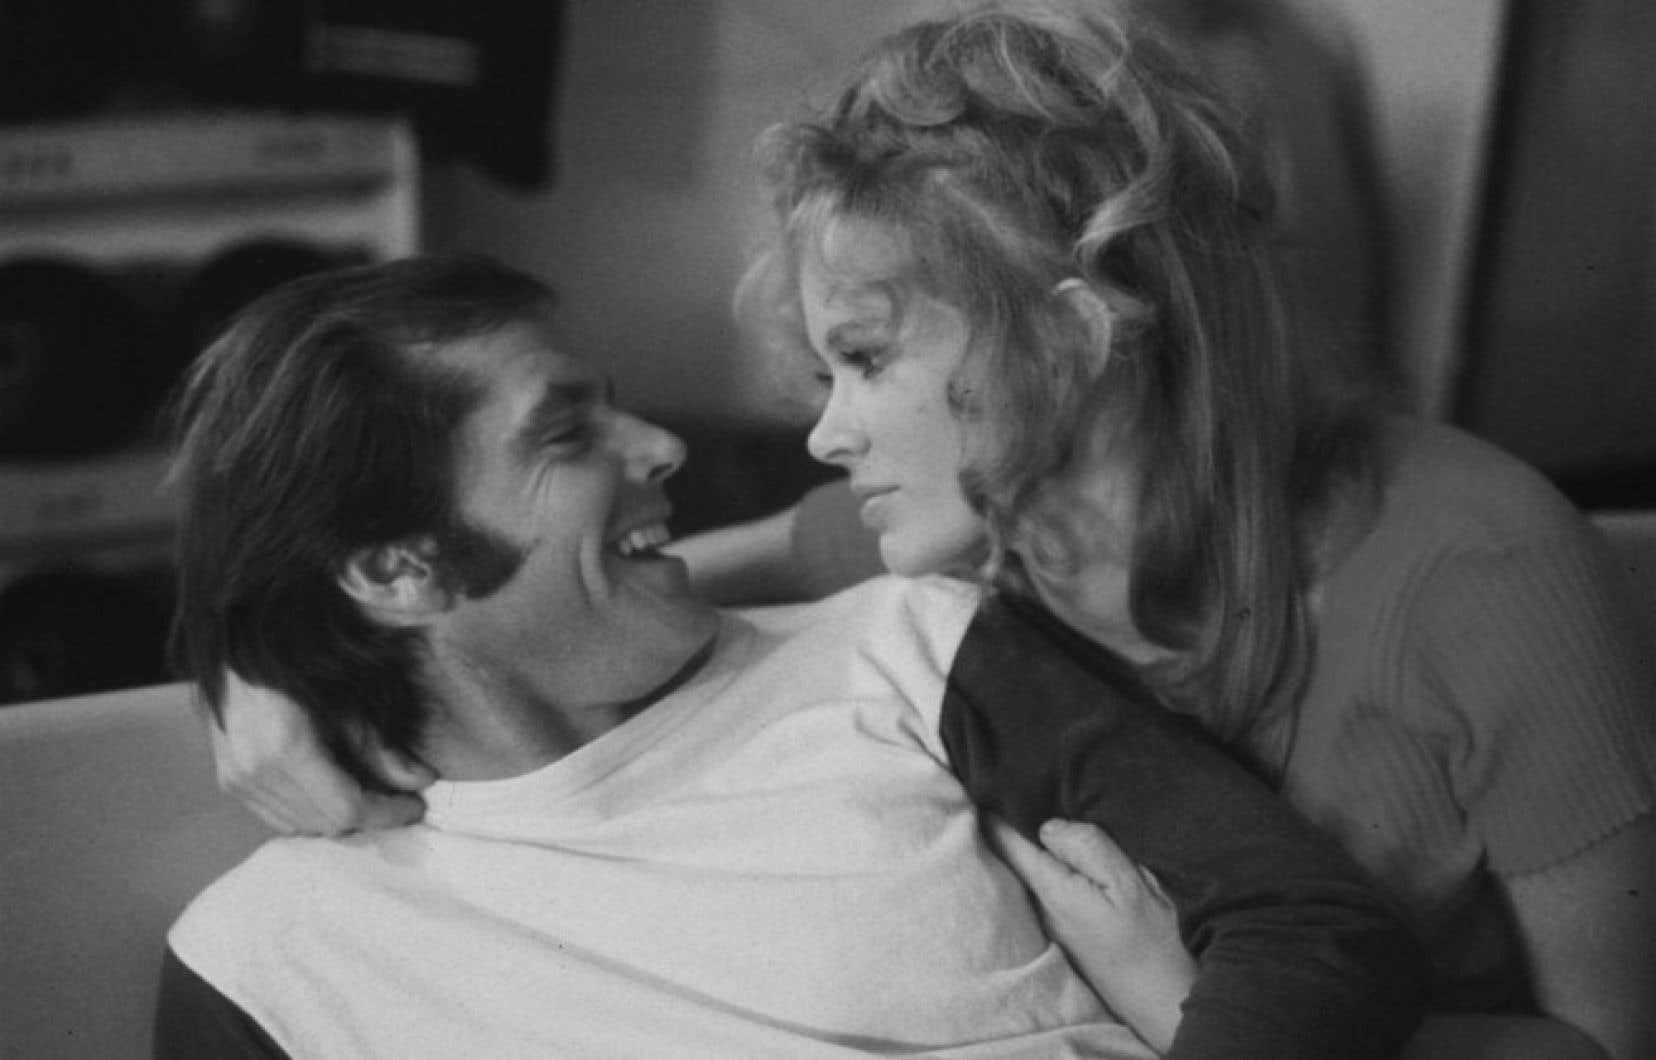 Dans Cinq pièces faciles (Bob Rafelson, 1970), Karen Black est Rayette, une serveuse qui se languit d'amour pour un éternel insatisfait défendu par Jack Nicholson.